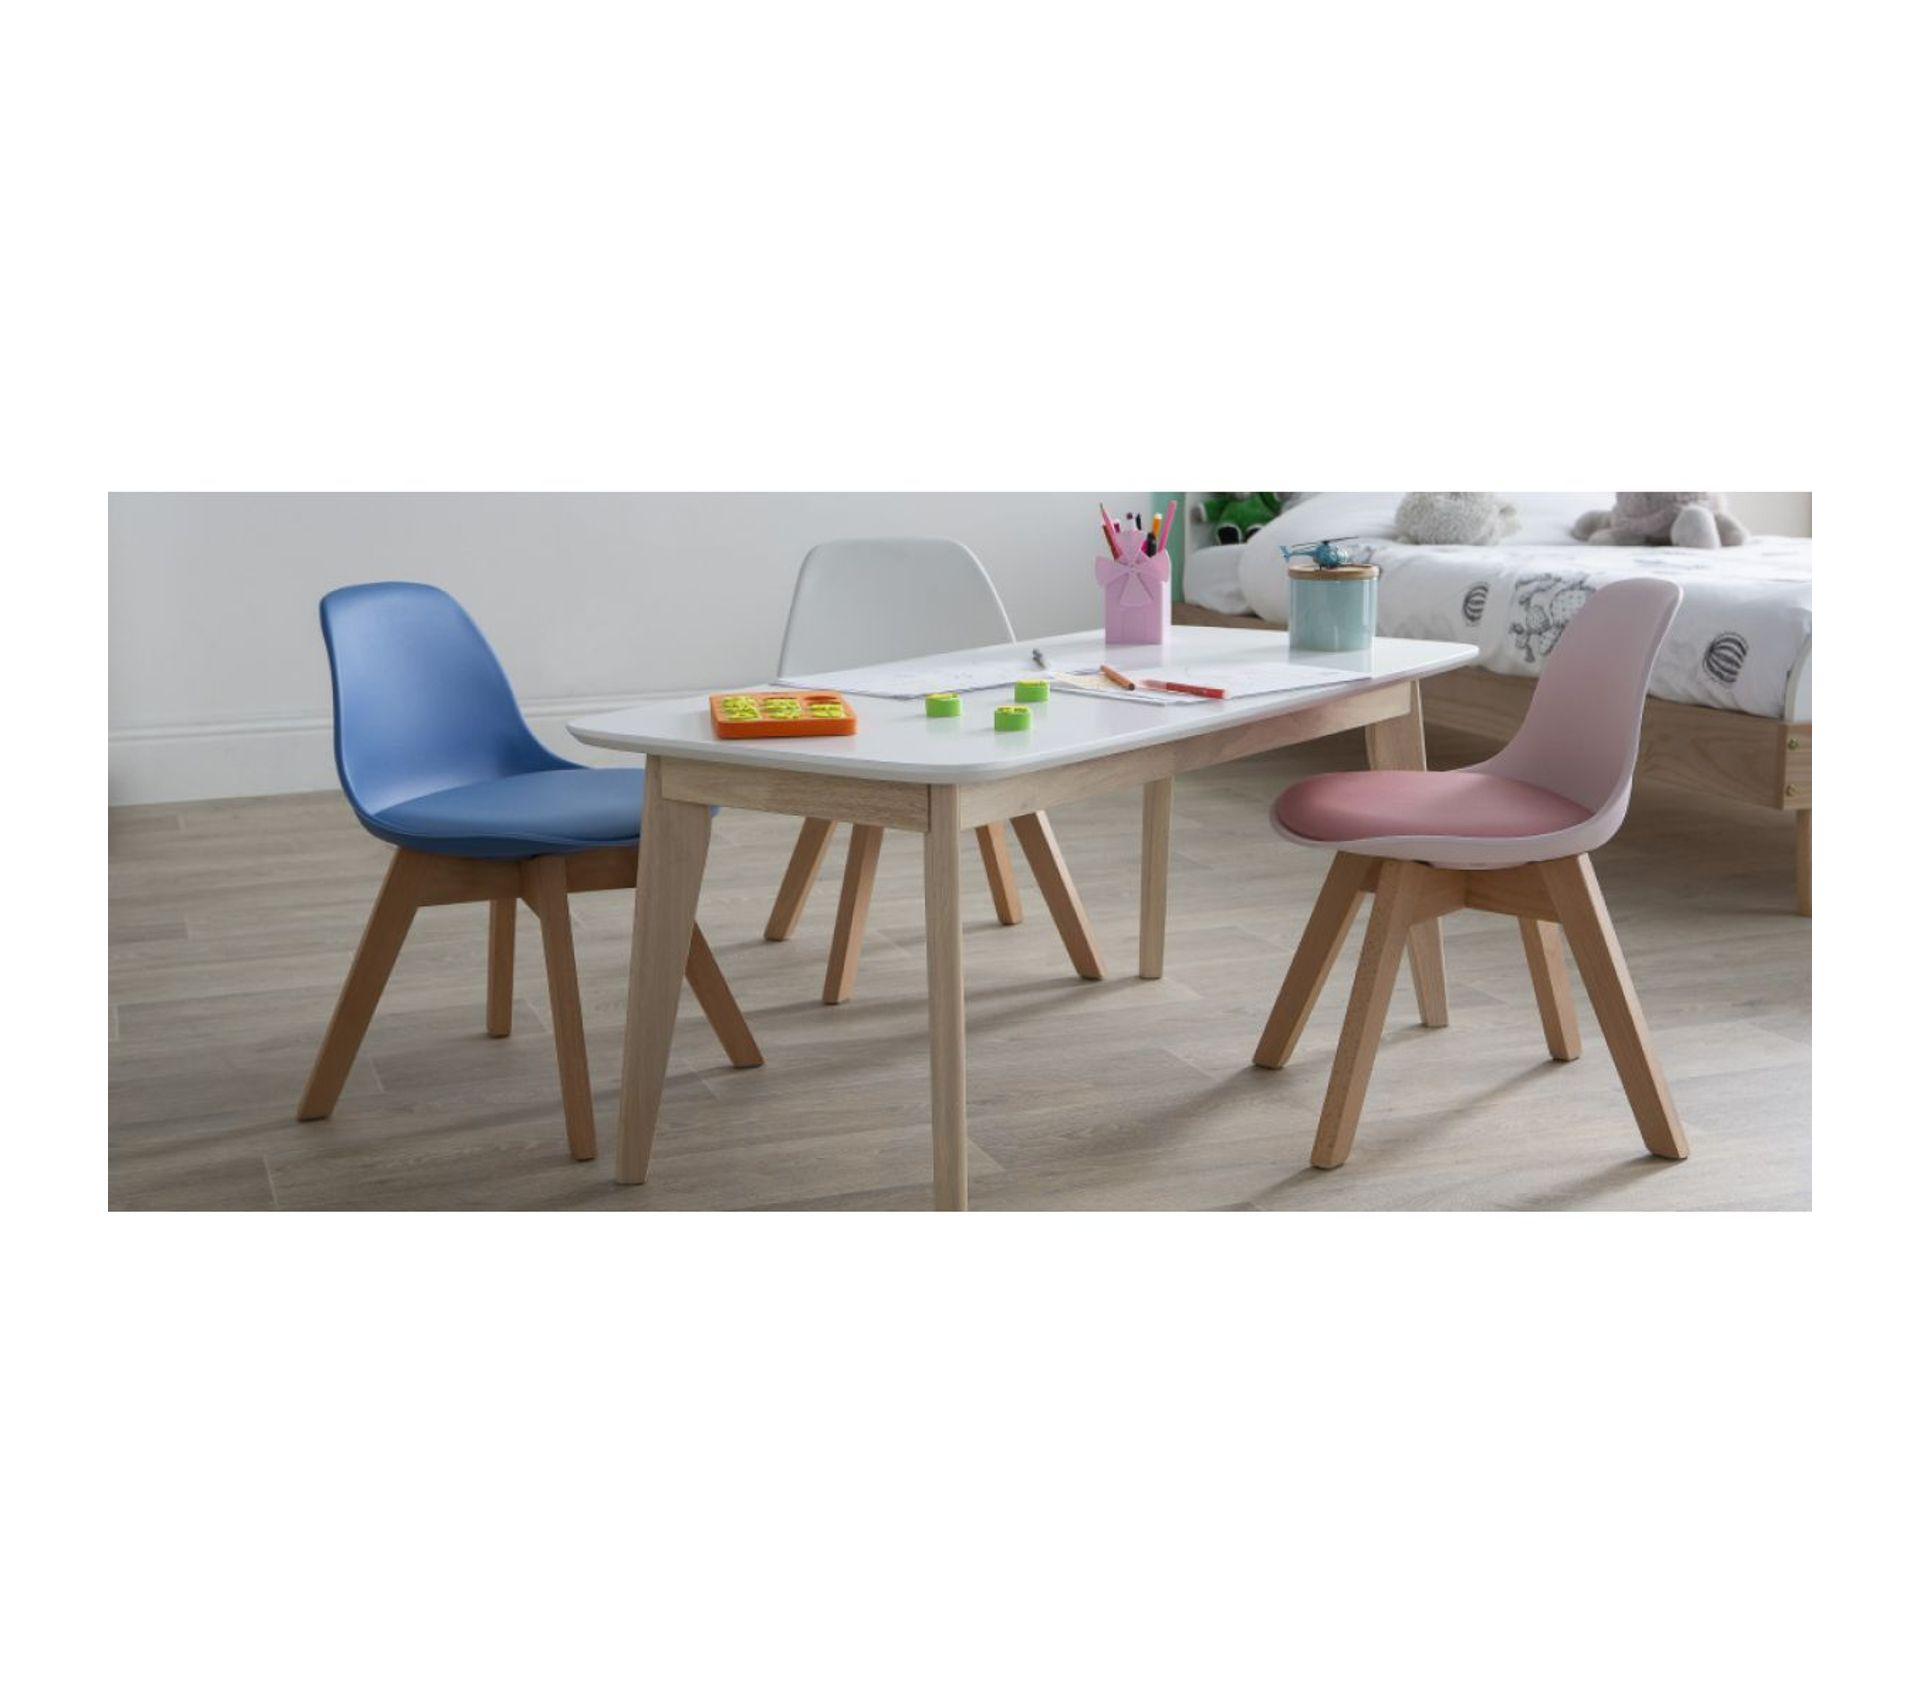 Table Blanche Pied Bois chaise enfant blanche avec pieds bois baby pauline